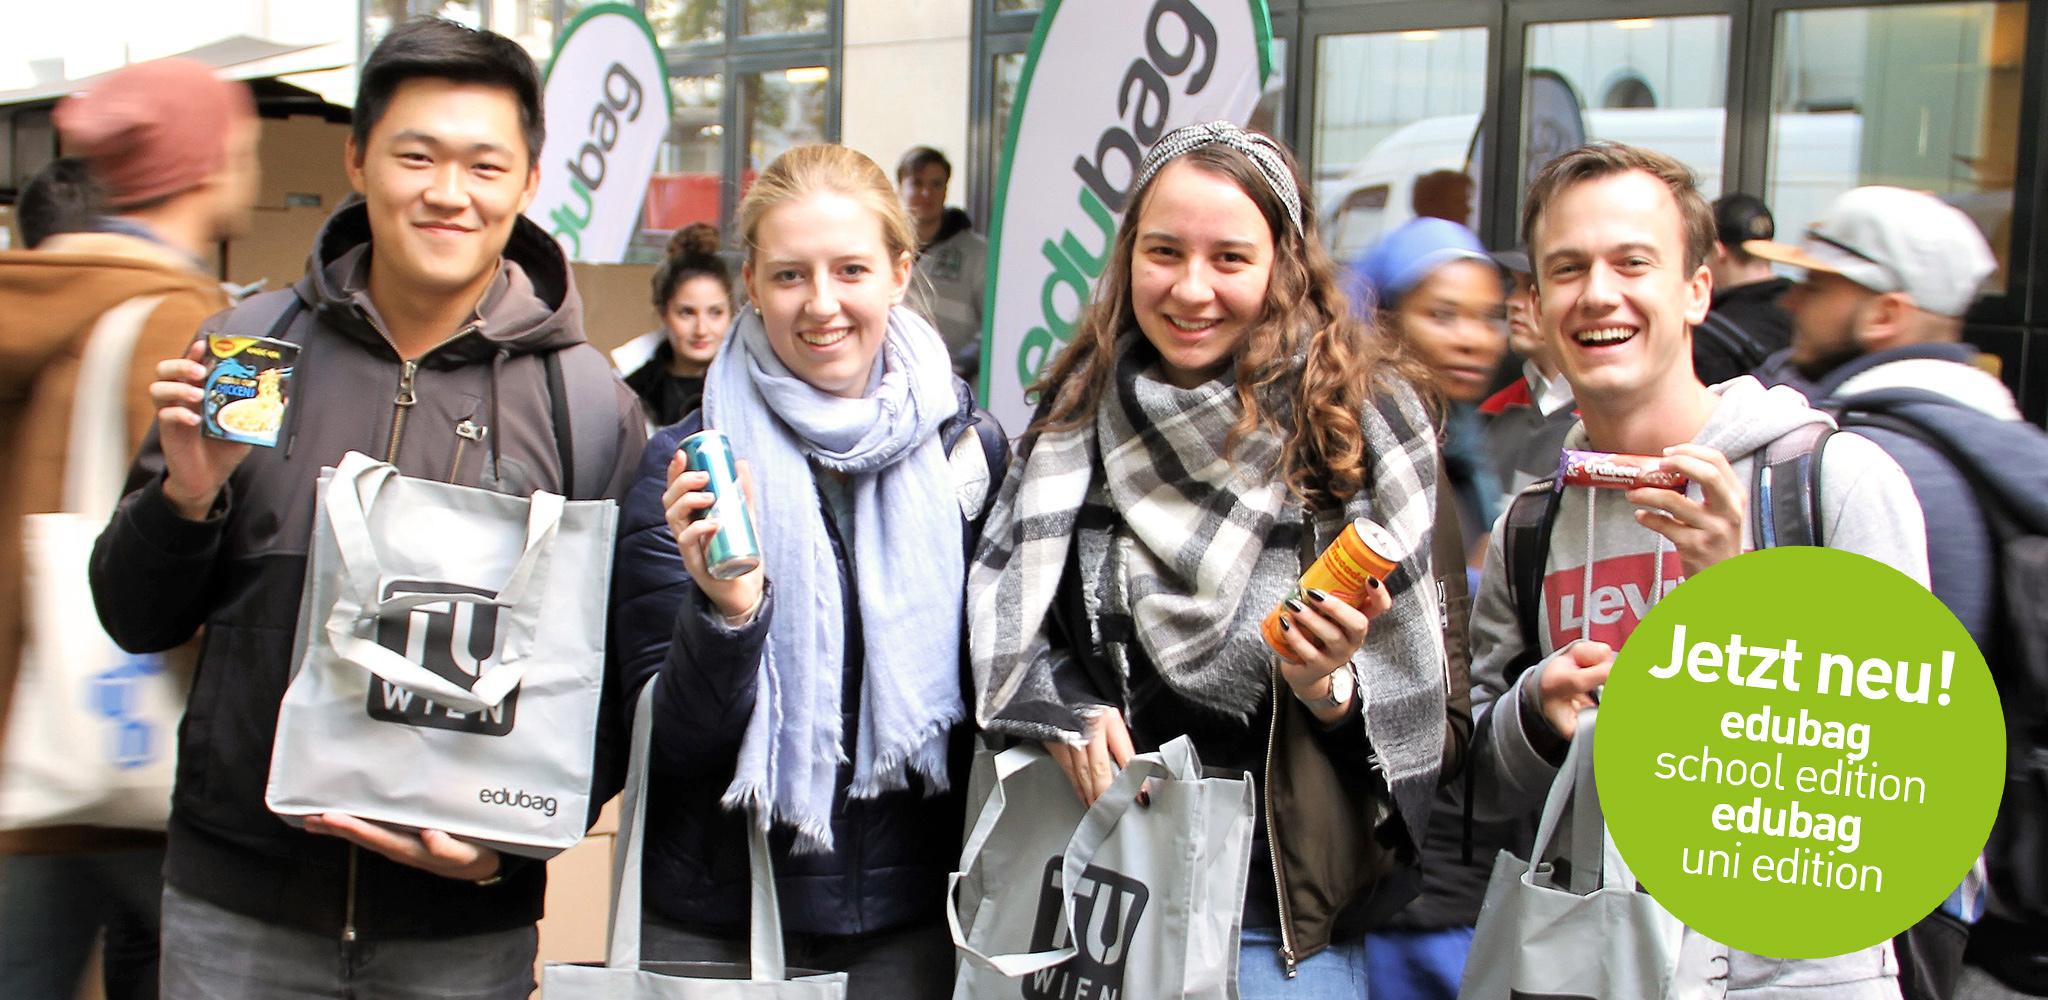 edubag - Die größte Samplingaktion an Österreichs Unis mit über 1 Million Goodies!